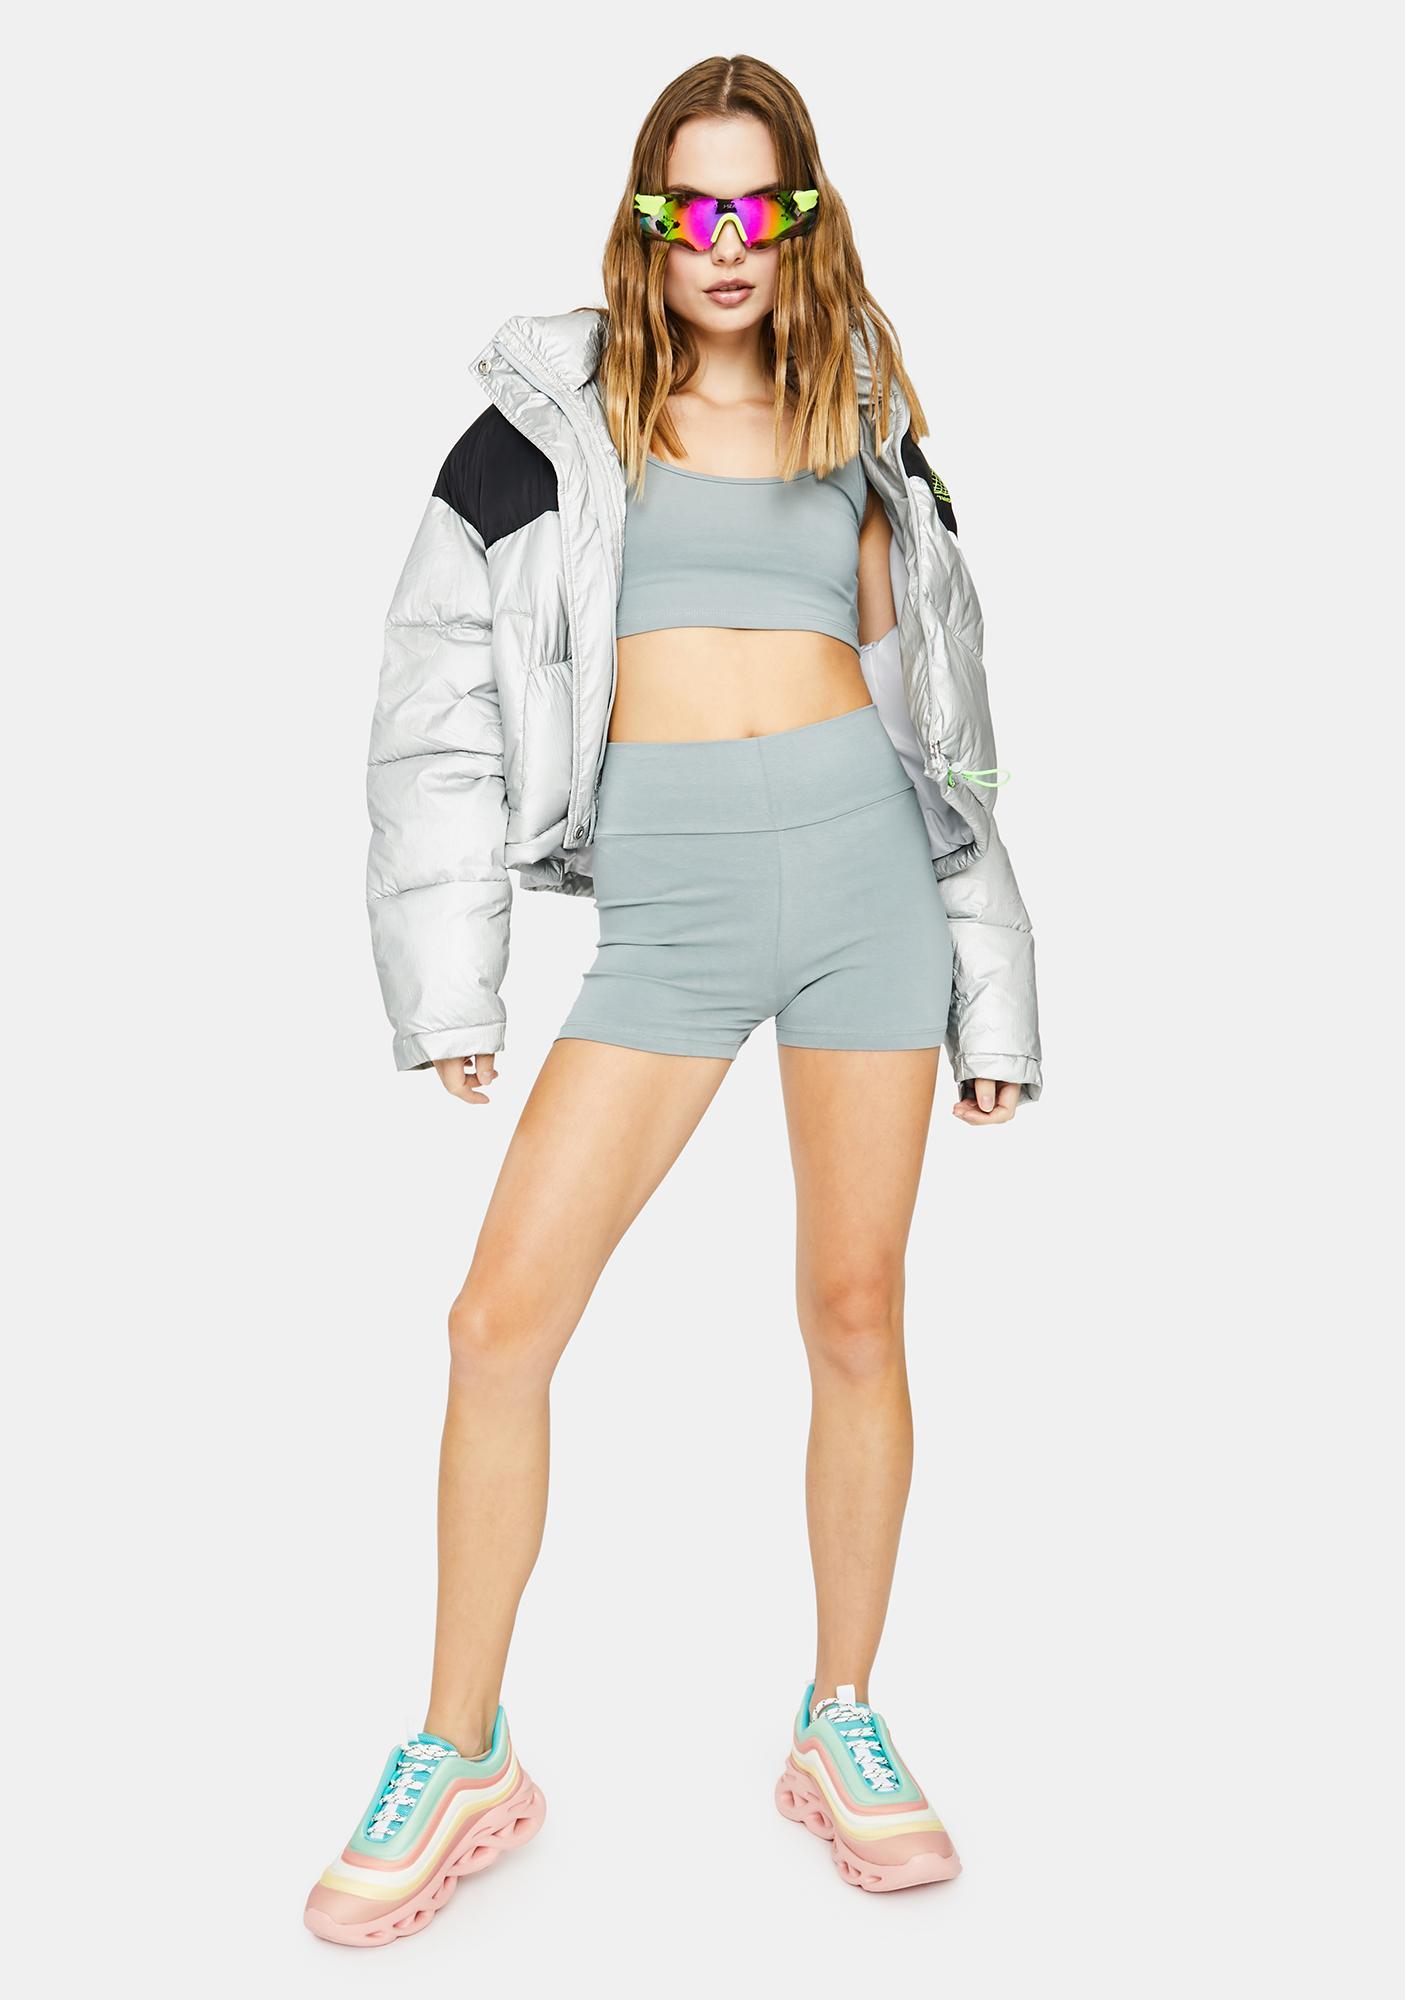 Kiki Riki Steel Lounge Booty Shorts